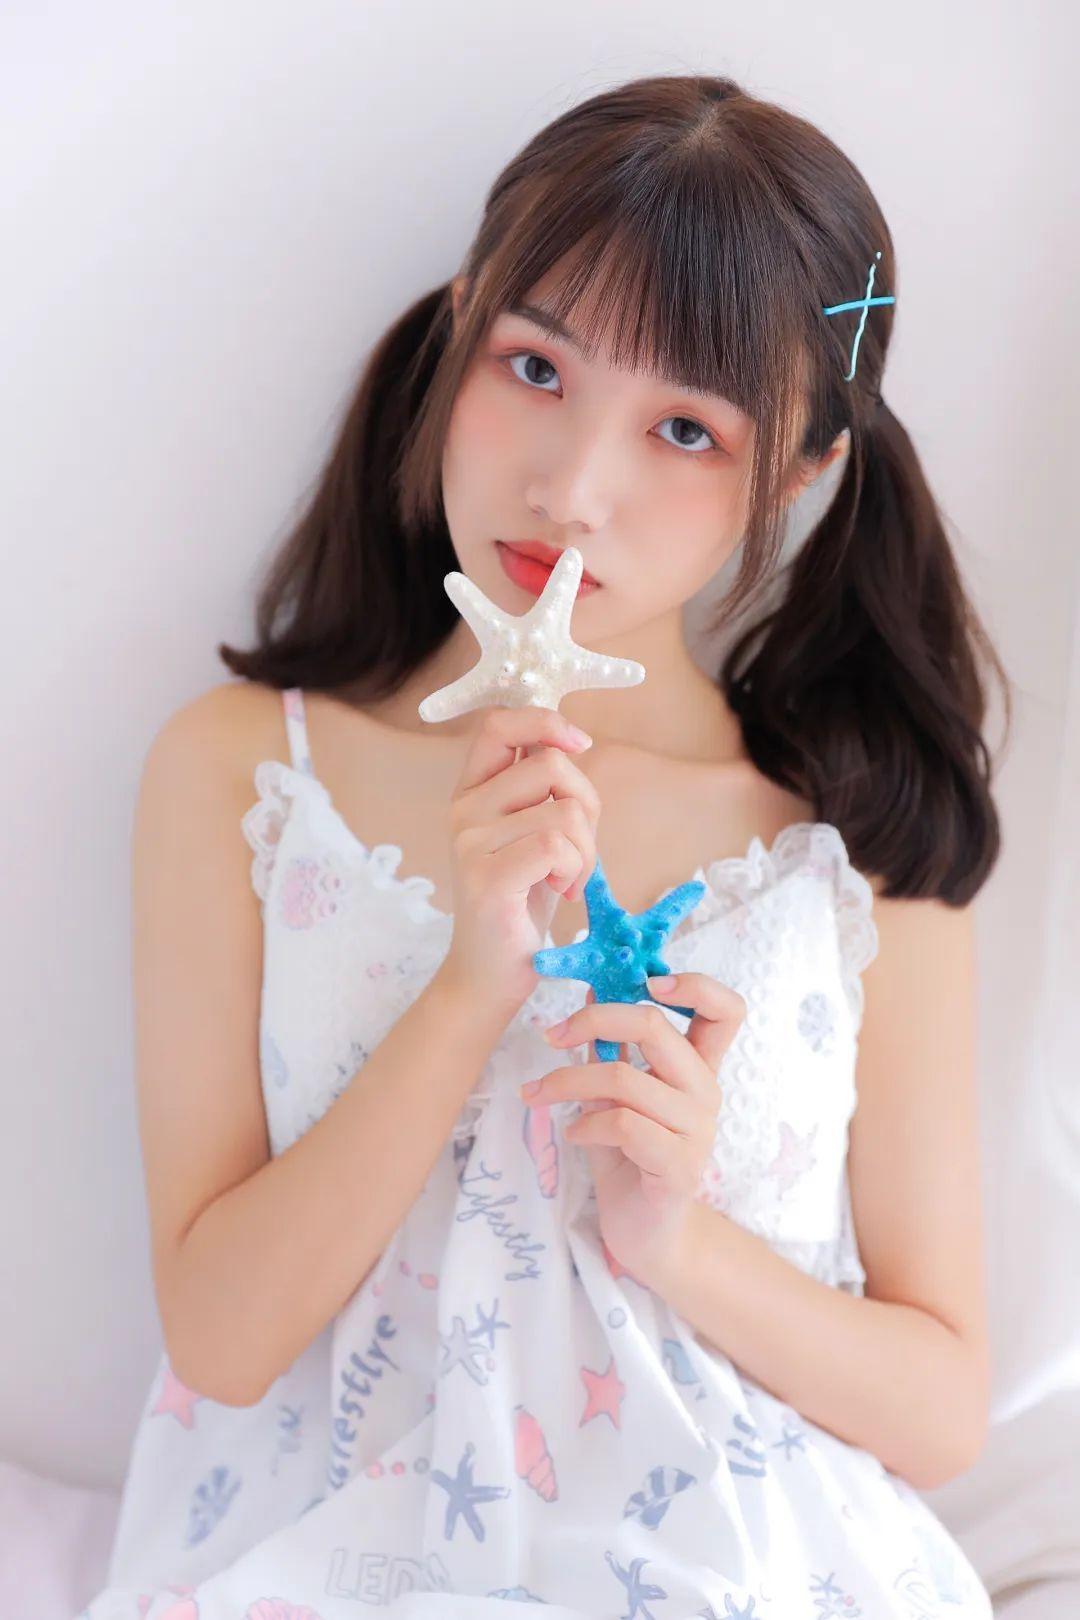 妹子摄影 – 白色连衣裙美腿少女的夏日生活_图片 No.2